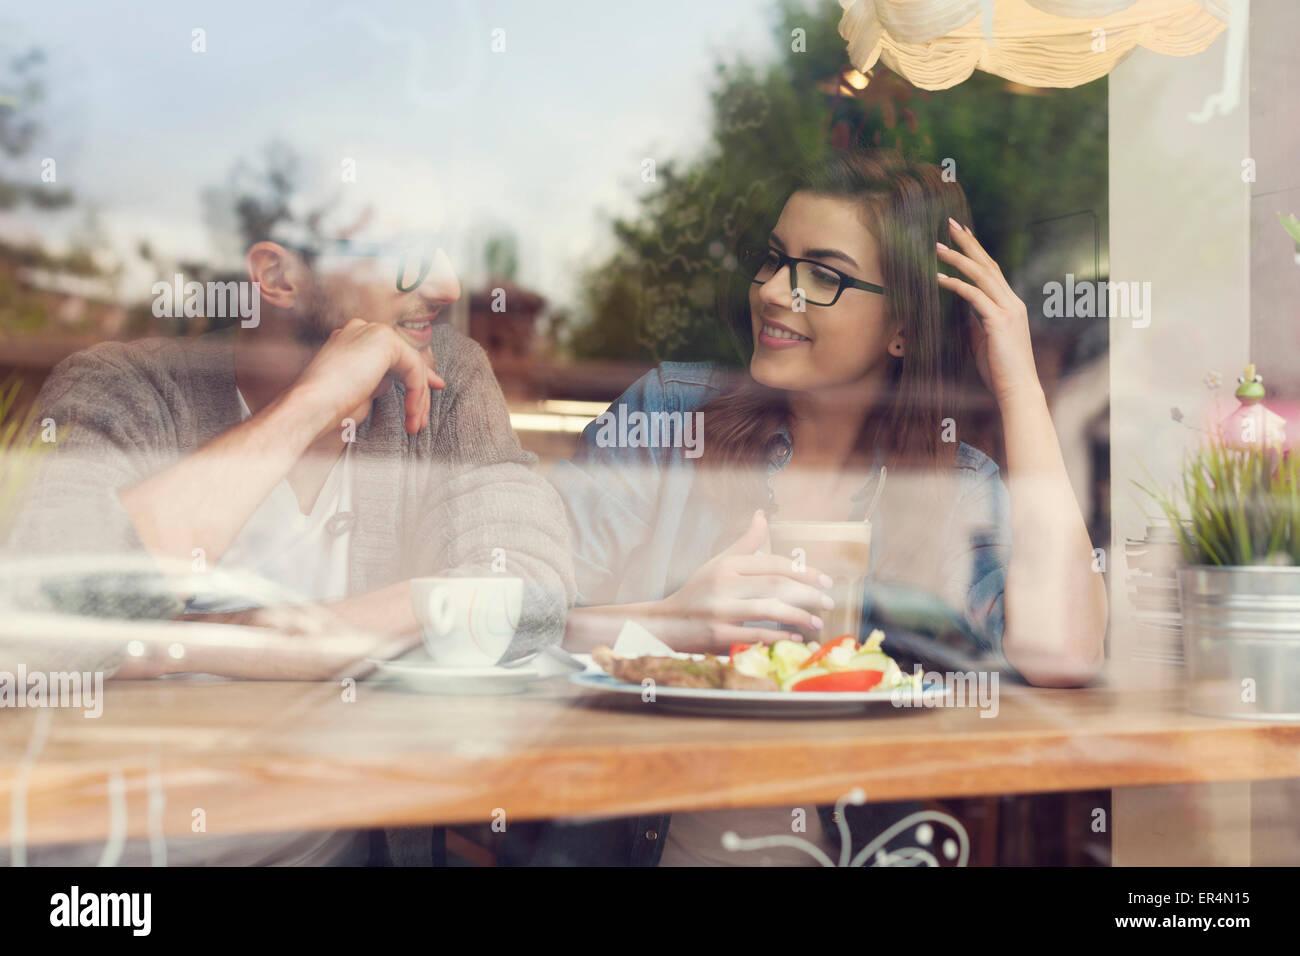 Una giovane coppia in una data al ristorante. Cracovia in Polonia Immagini Stock